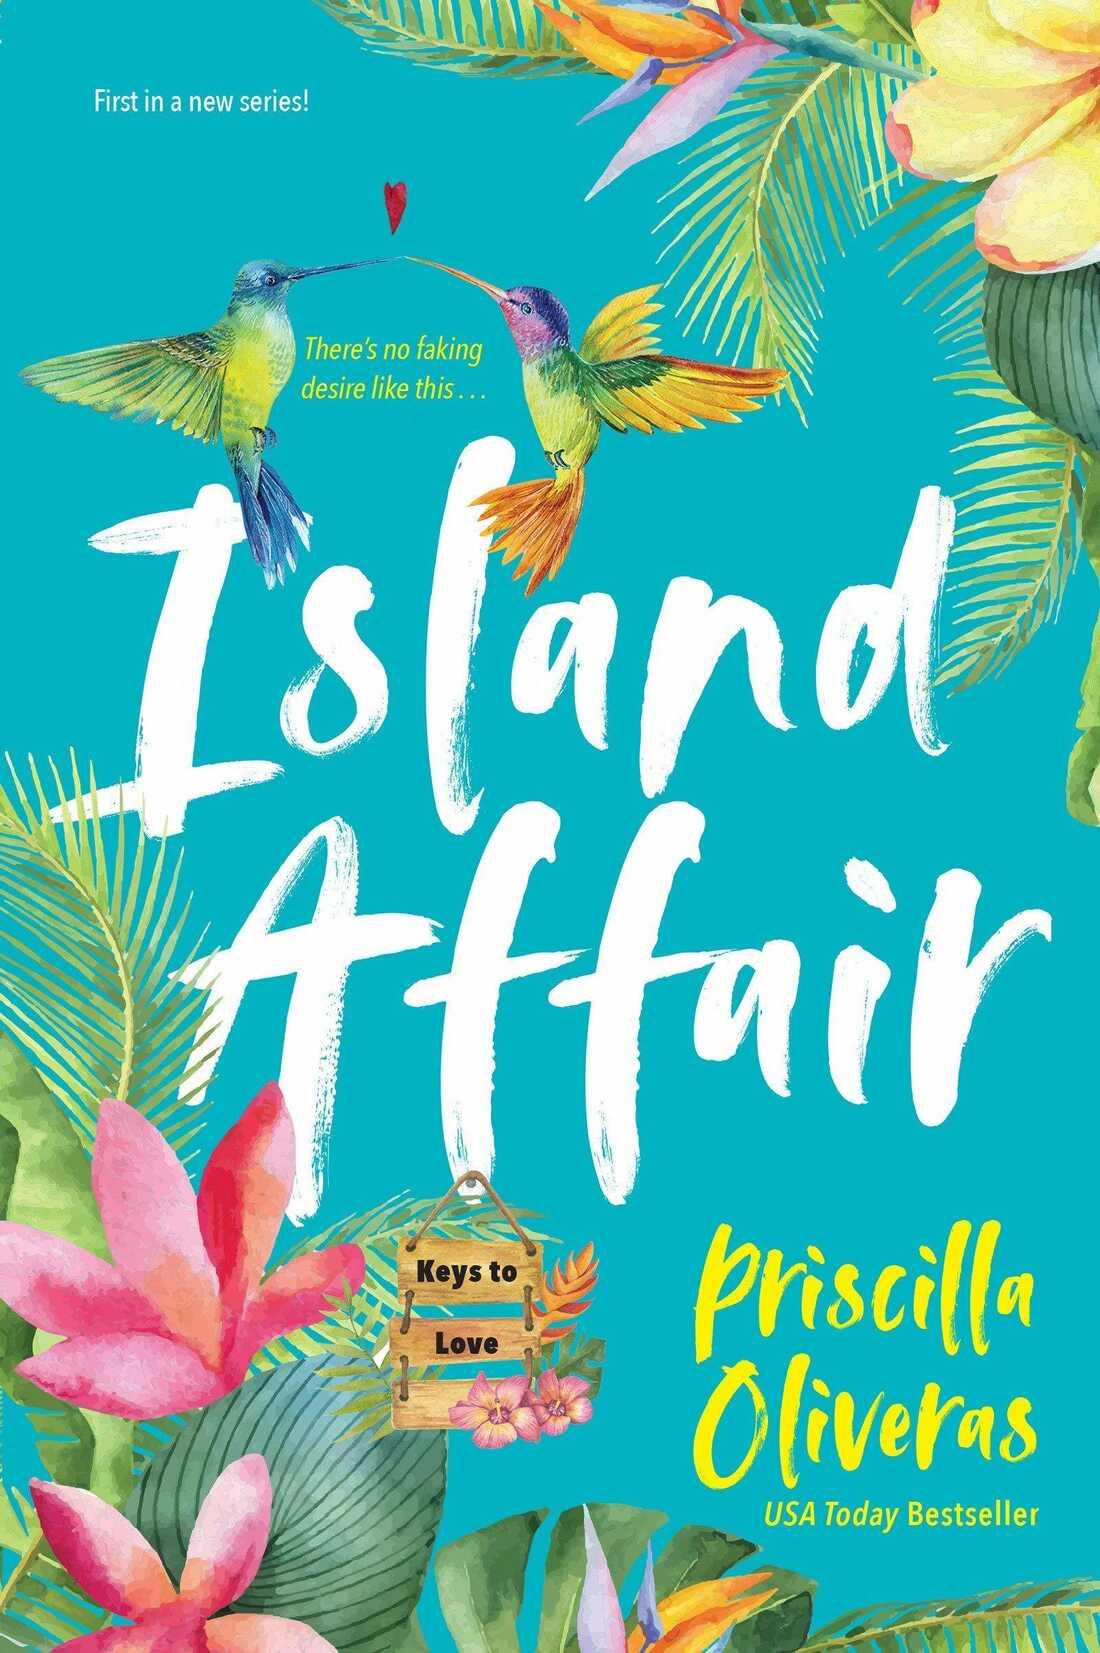 Island Affair, by Priscilla Oliveras